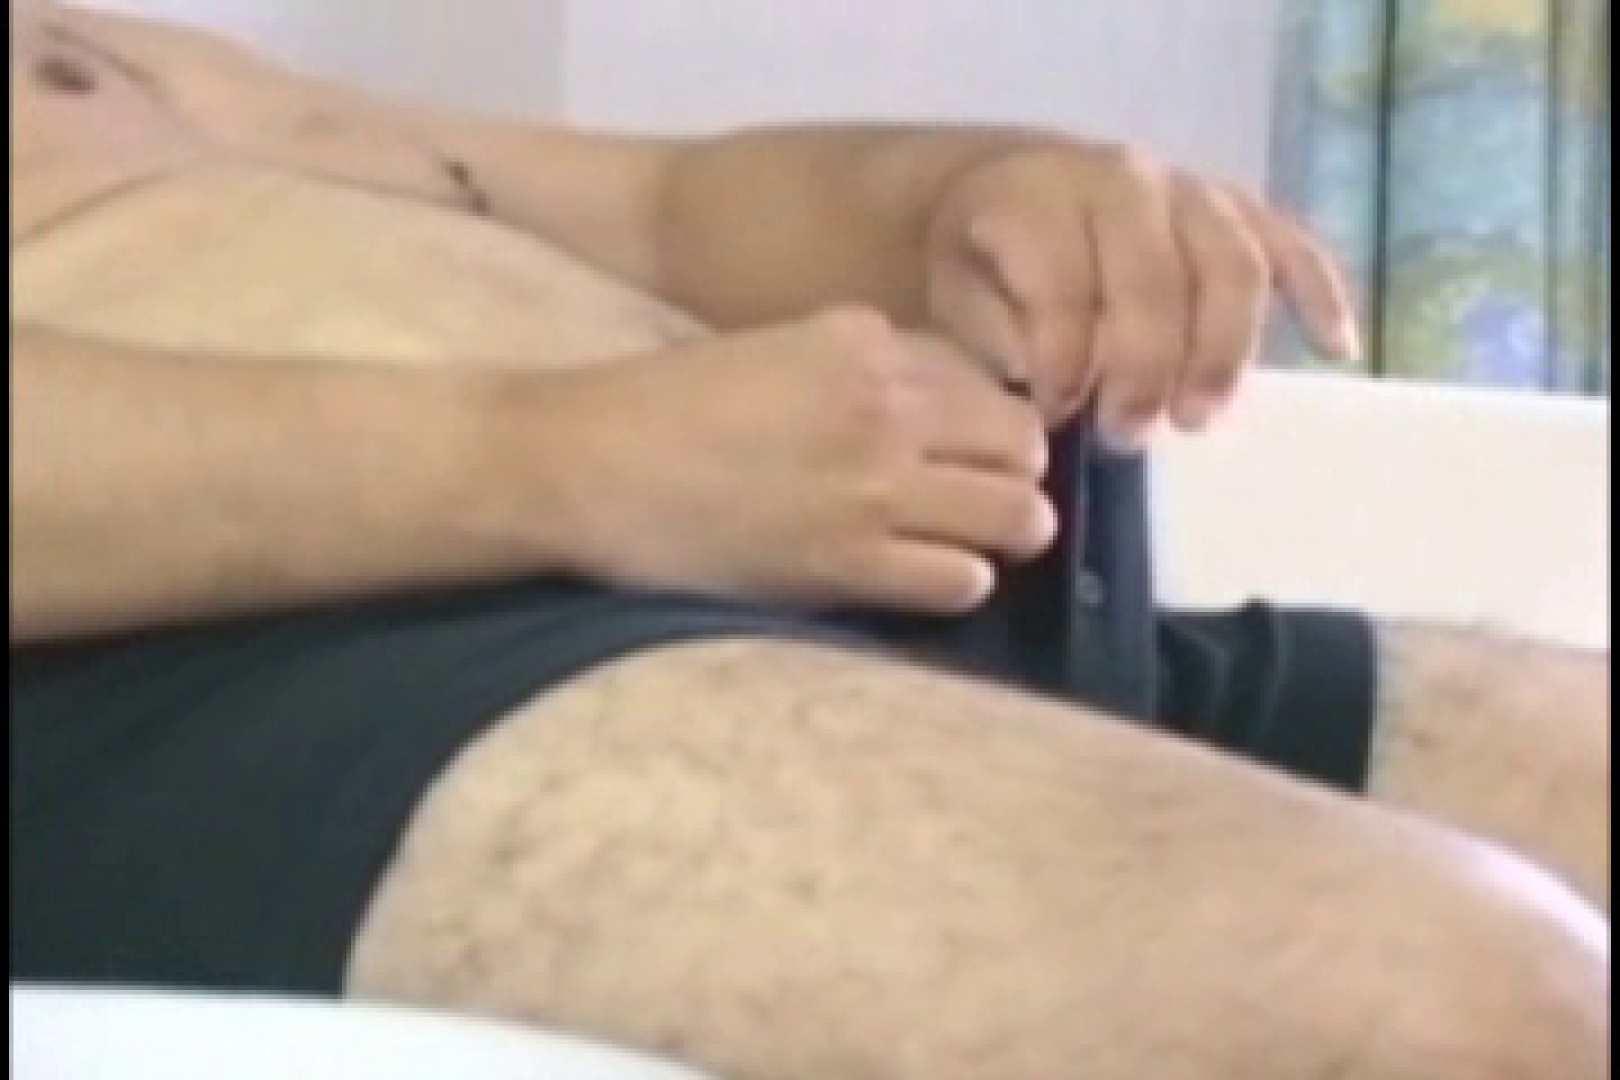 性欲に満ちたデカてぃむぽのホモ旦那 オナニー アダルトビデオ画像キャプチャ 75pic